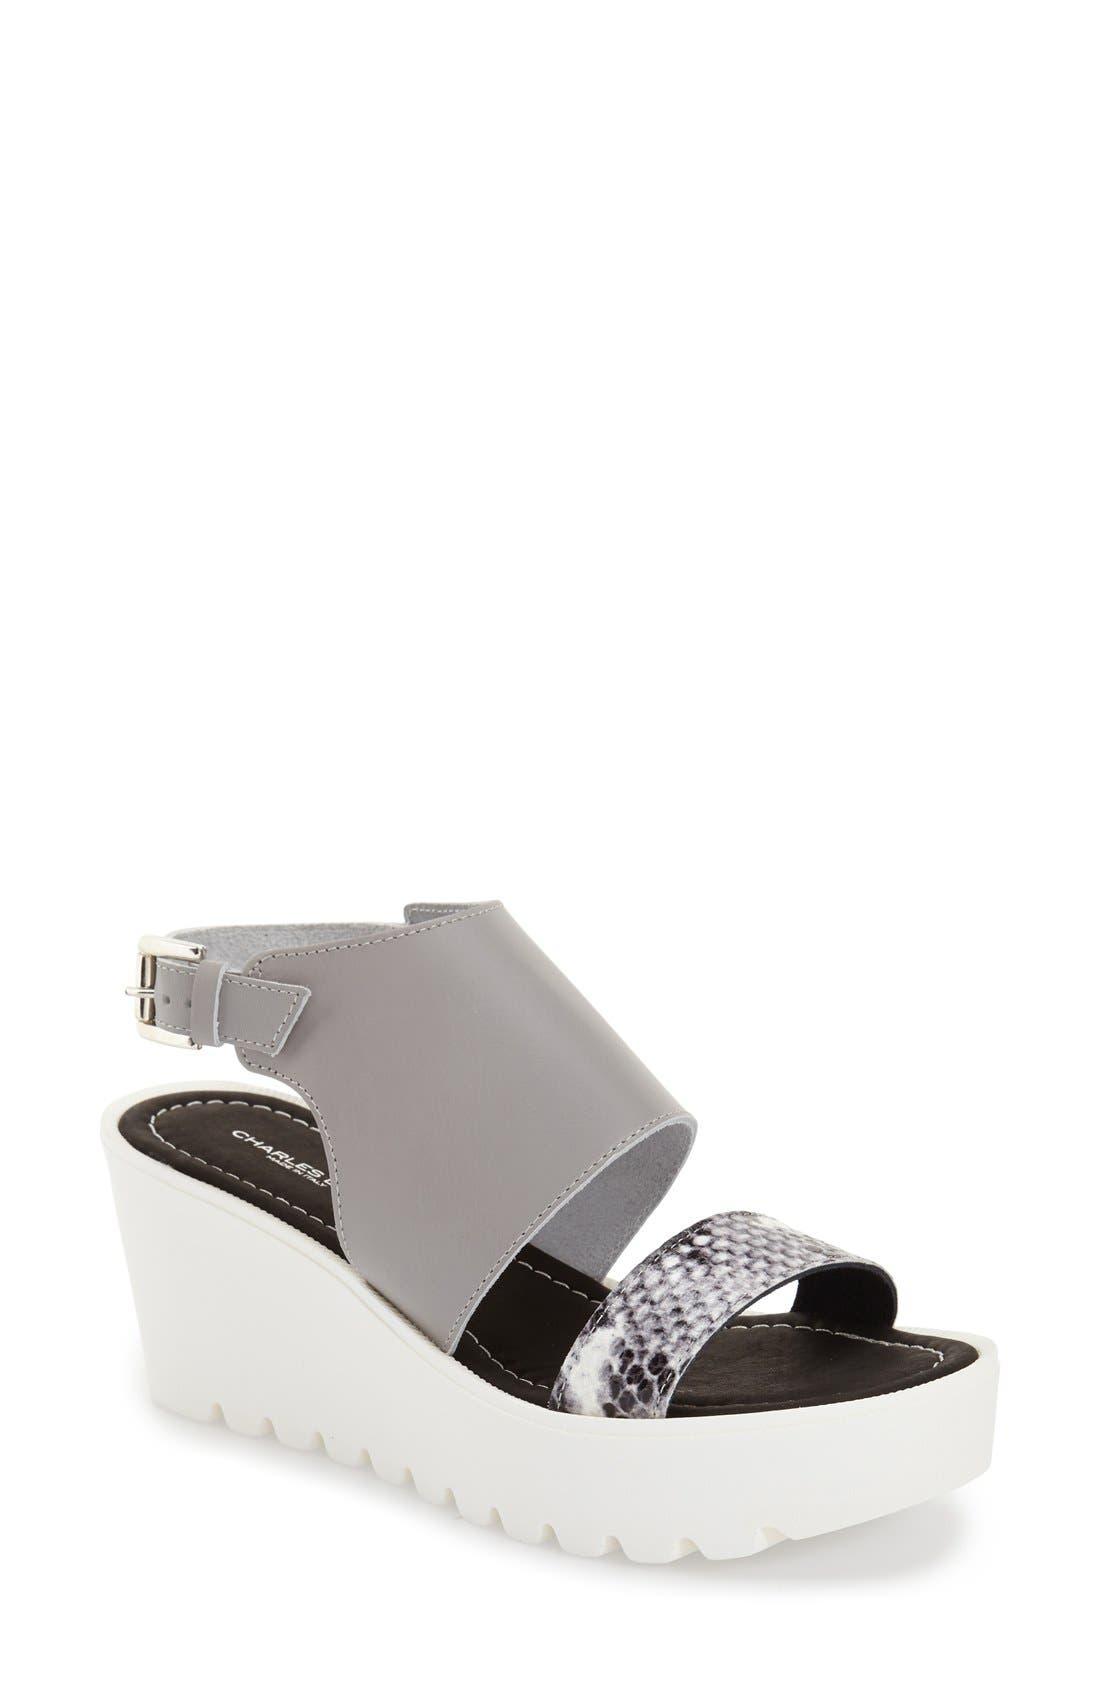 Main Image - Charles David 'Apria' Wedge Sandal (Women)